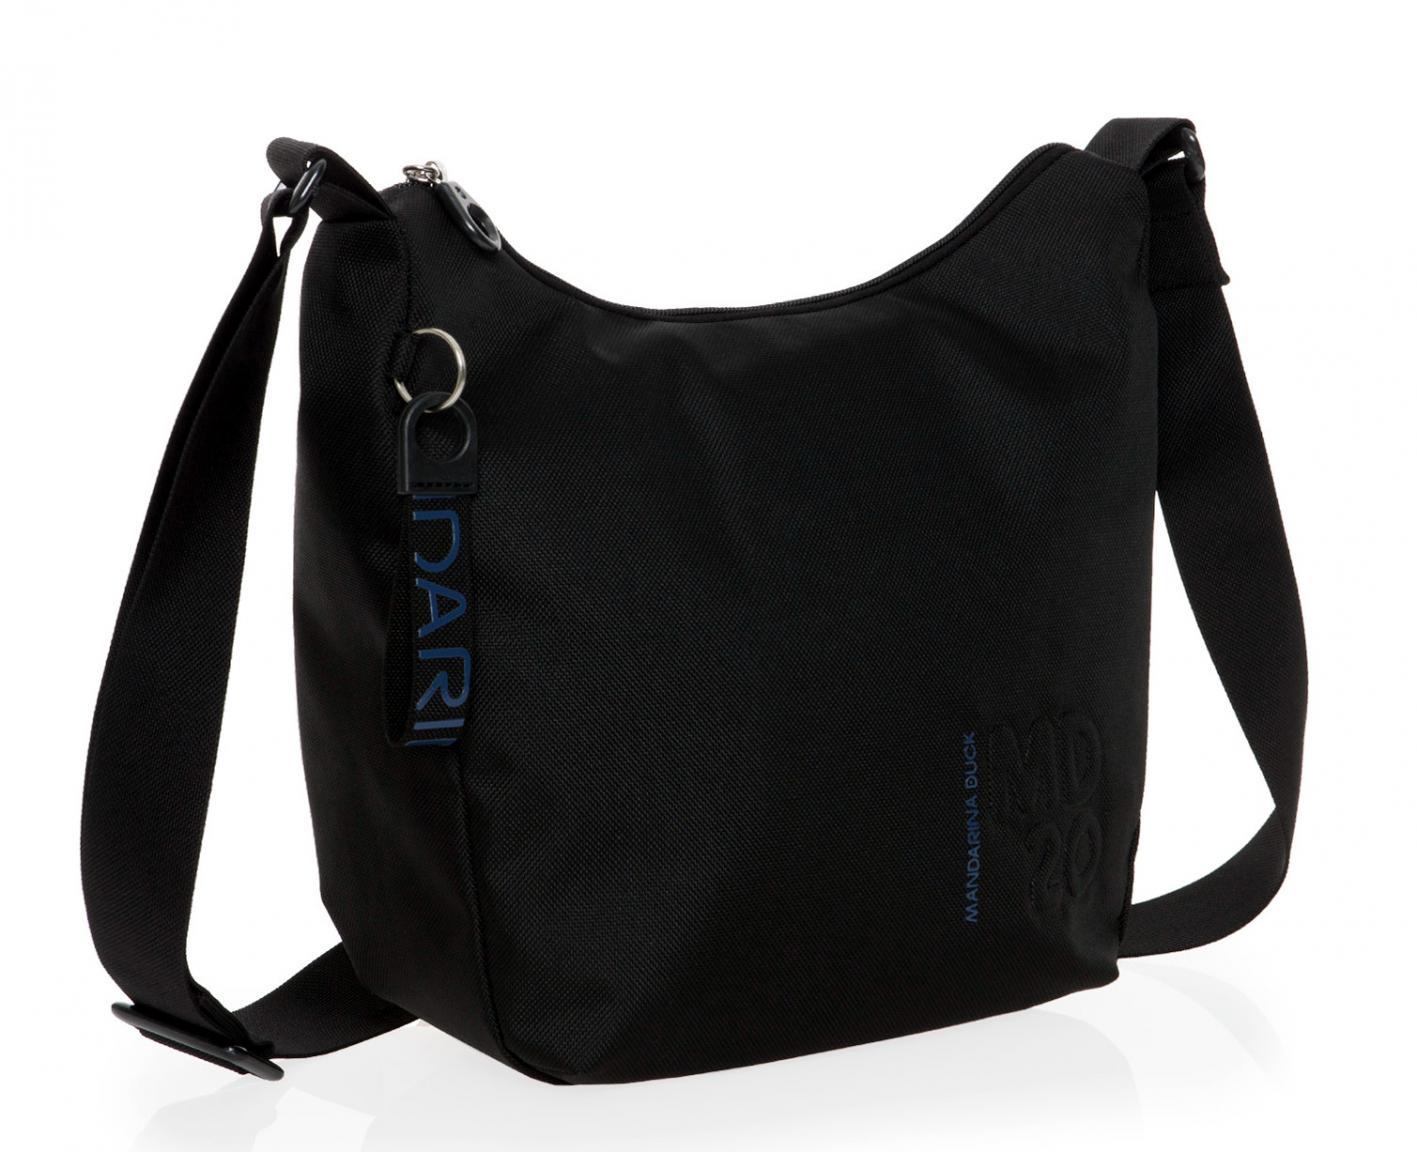 6d3d62078 Mandarina Duck MD20 Crossovertasche Gurt Zipfach Black - Bags & more